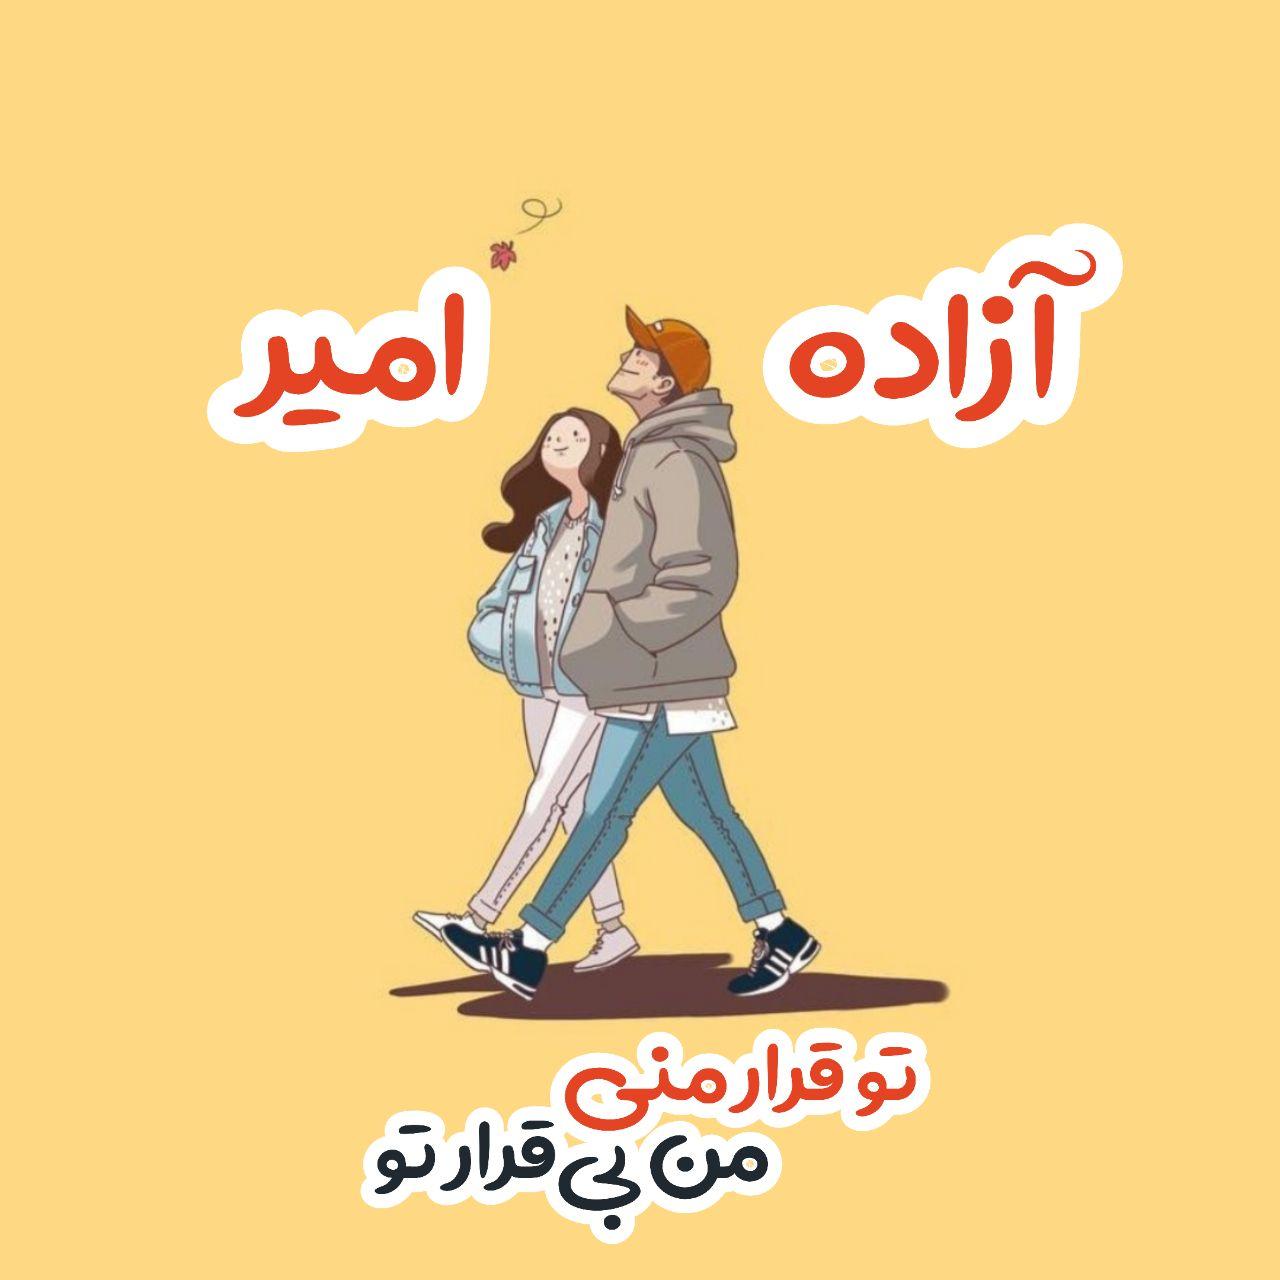 عکس نوشته عاشقانه آزاده و امیر